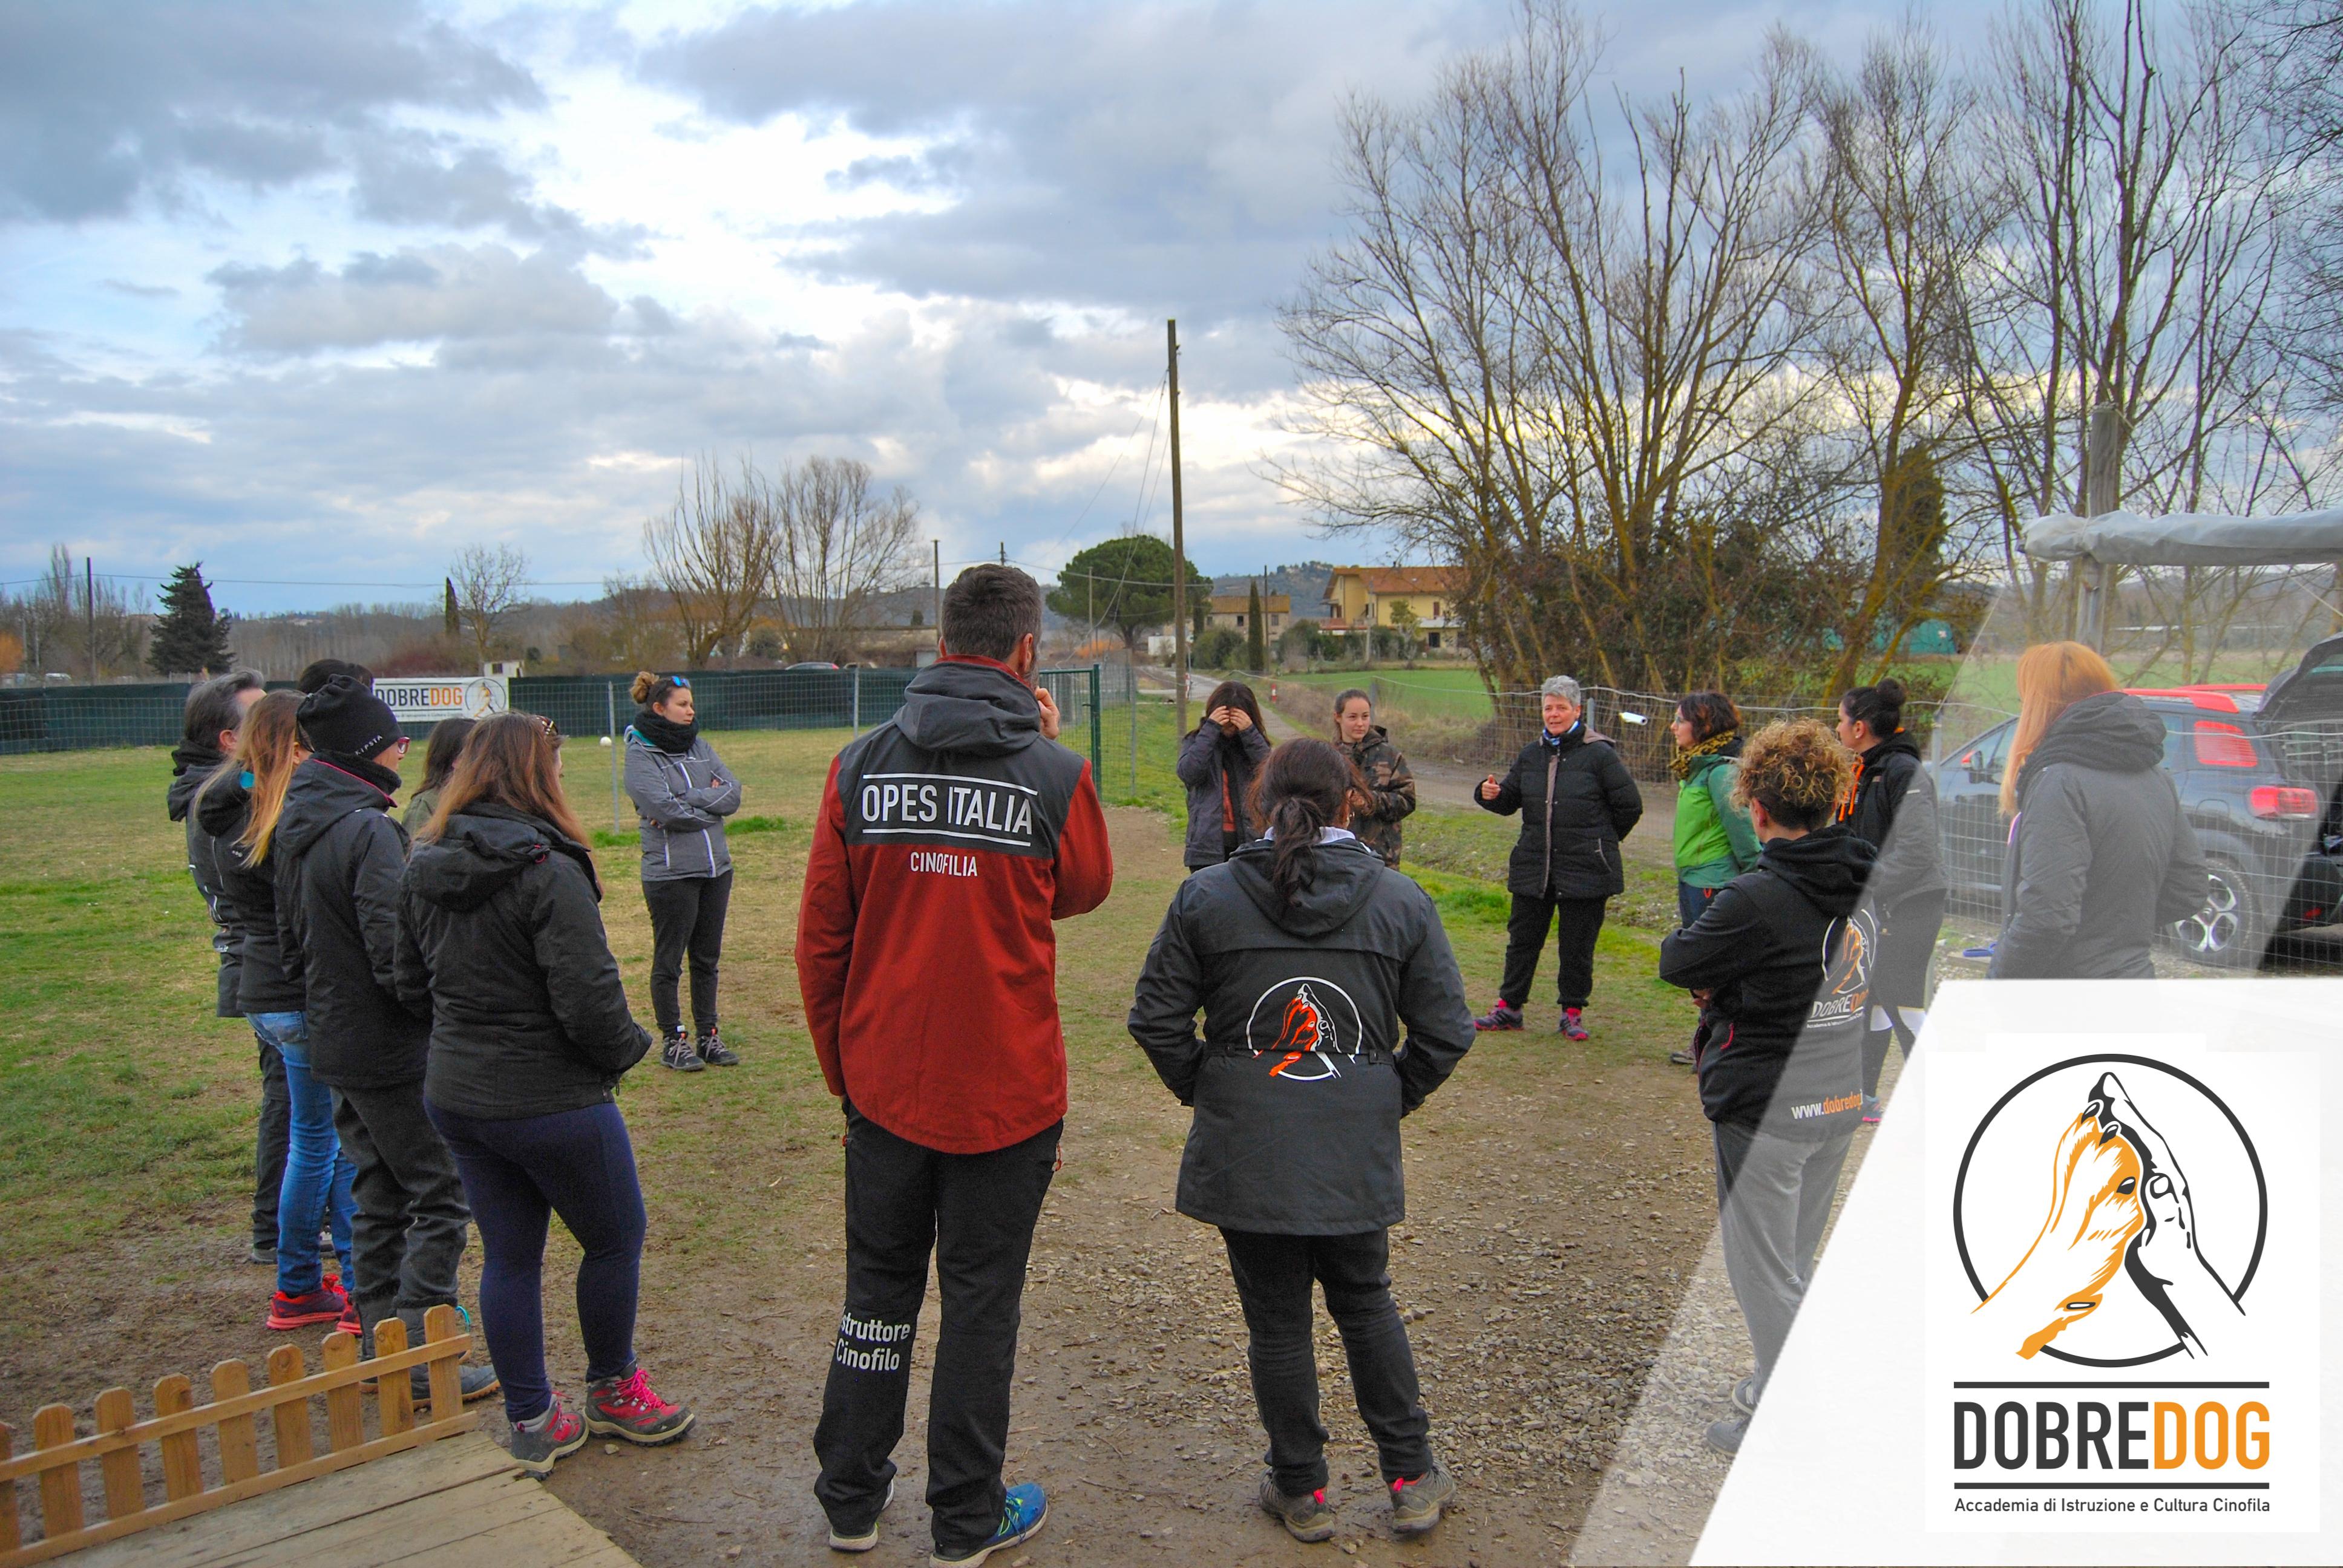 Seminario apprendere ad apprendere, gioco e motivazione - Centro Cinofilo Dobredog